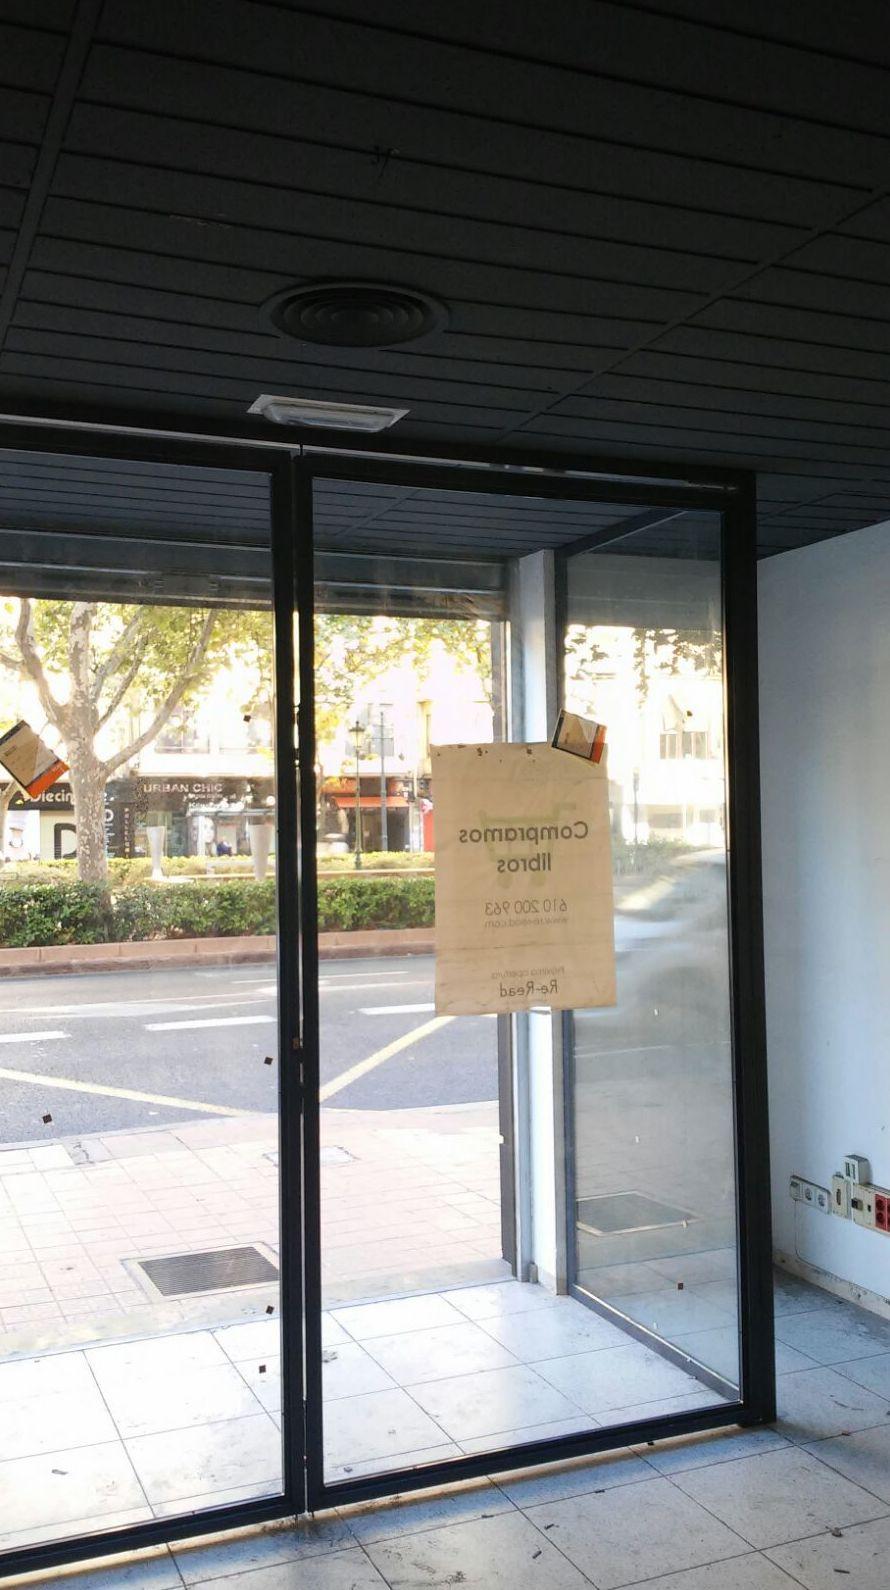 Entrada a tienda con puerta pivotante de dos hojas